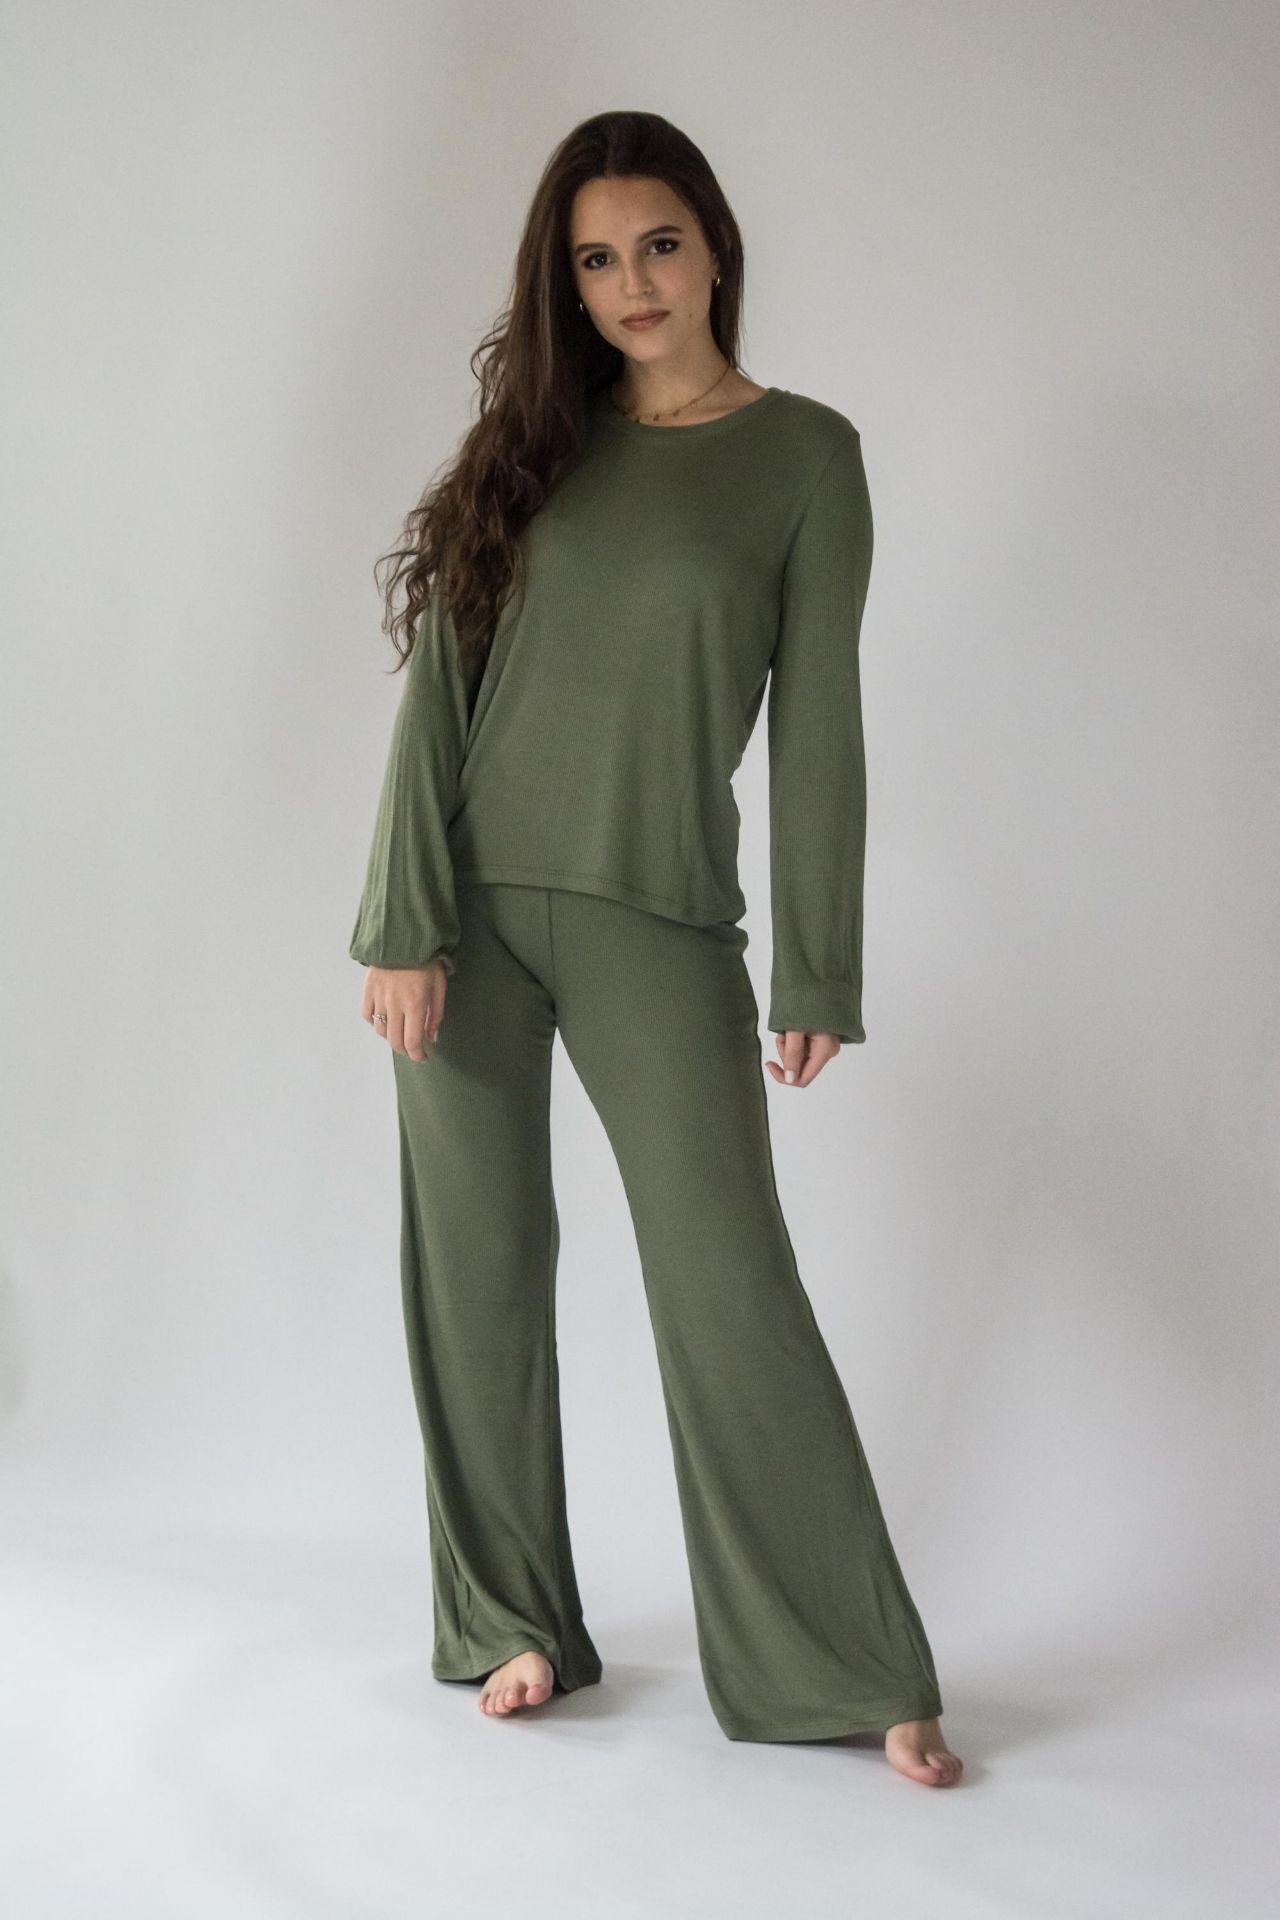 Pijama de algodón rib viscosa súper suelto y cómodo, úsalo para dormir y estar todo el día en pijama.   La manga la puedes usar de forma bombacha o más larga.   Cuidados: no usar secadora, lavar con agua fria.